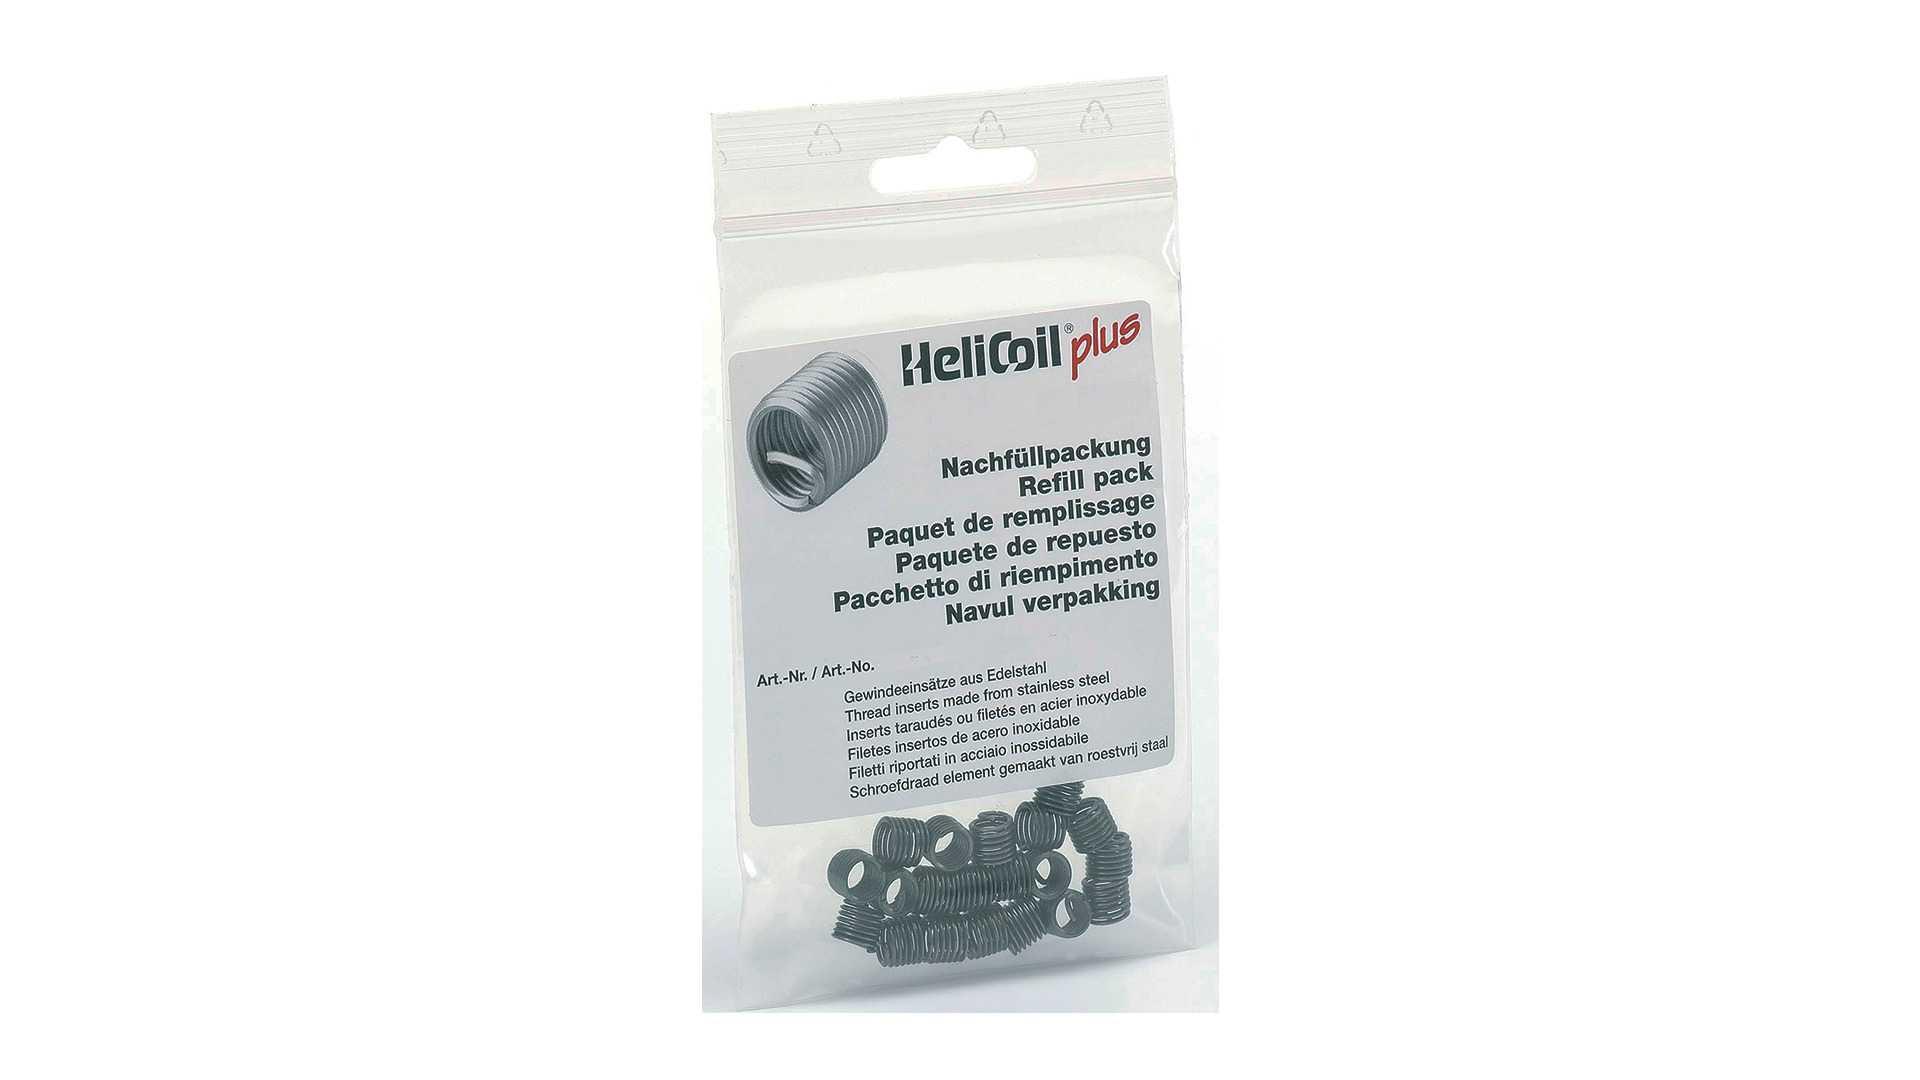 BÖLLHOFF Thread insert helicoil plus M5 x 0,80 x 10,0mm (20